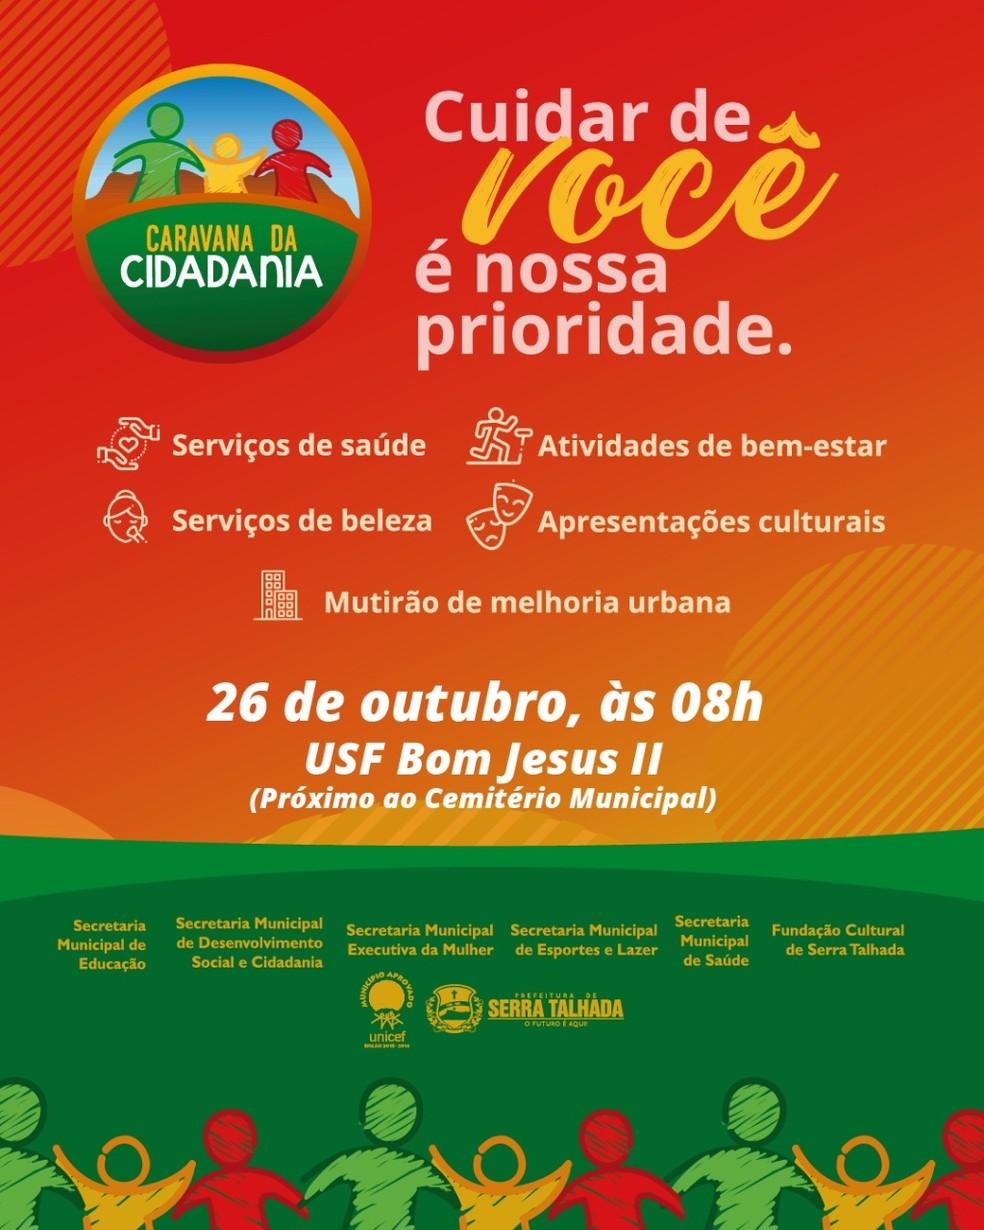 Prefeitura de Serra Tlhada promove 'Caravana da Cidadania' — Foto: Prefeitura de Serra Talhada/Divulgação